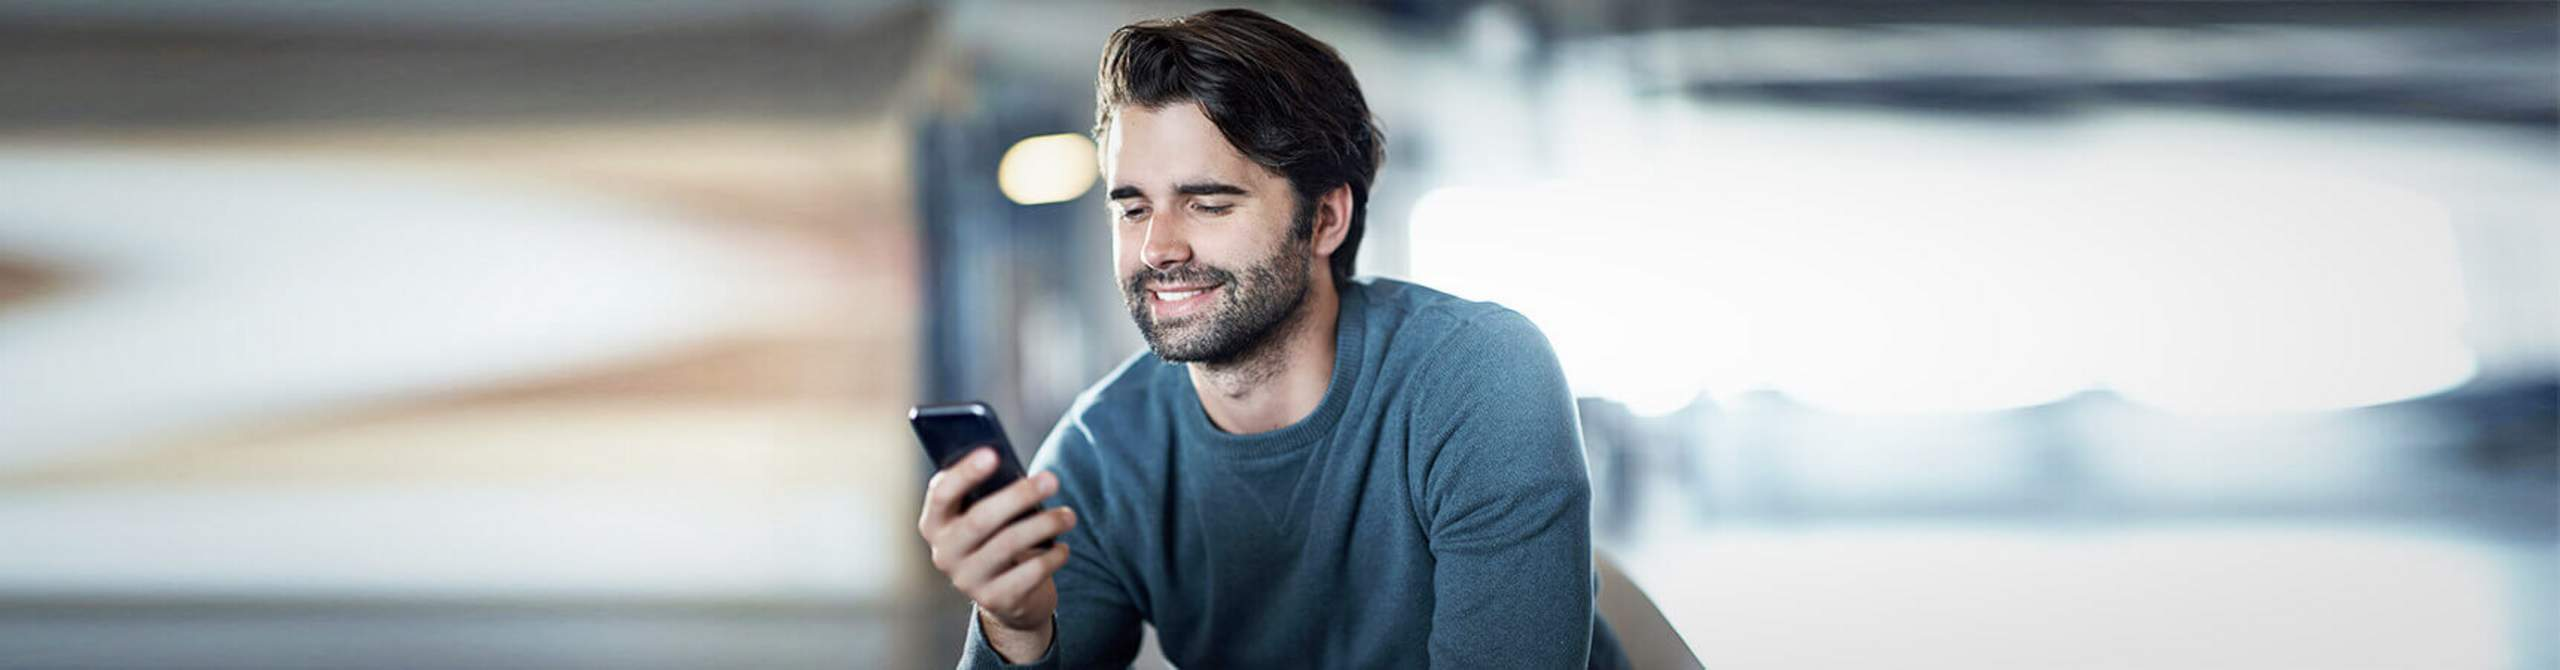 Ein Mann schaut lächelnd auf sein Smartphone.